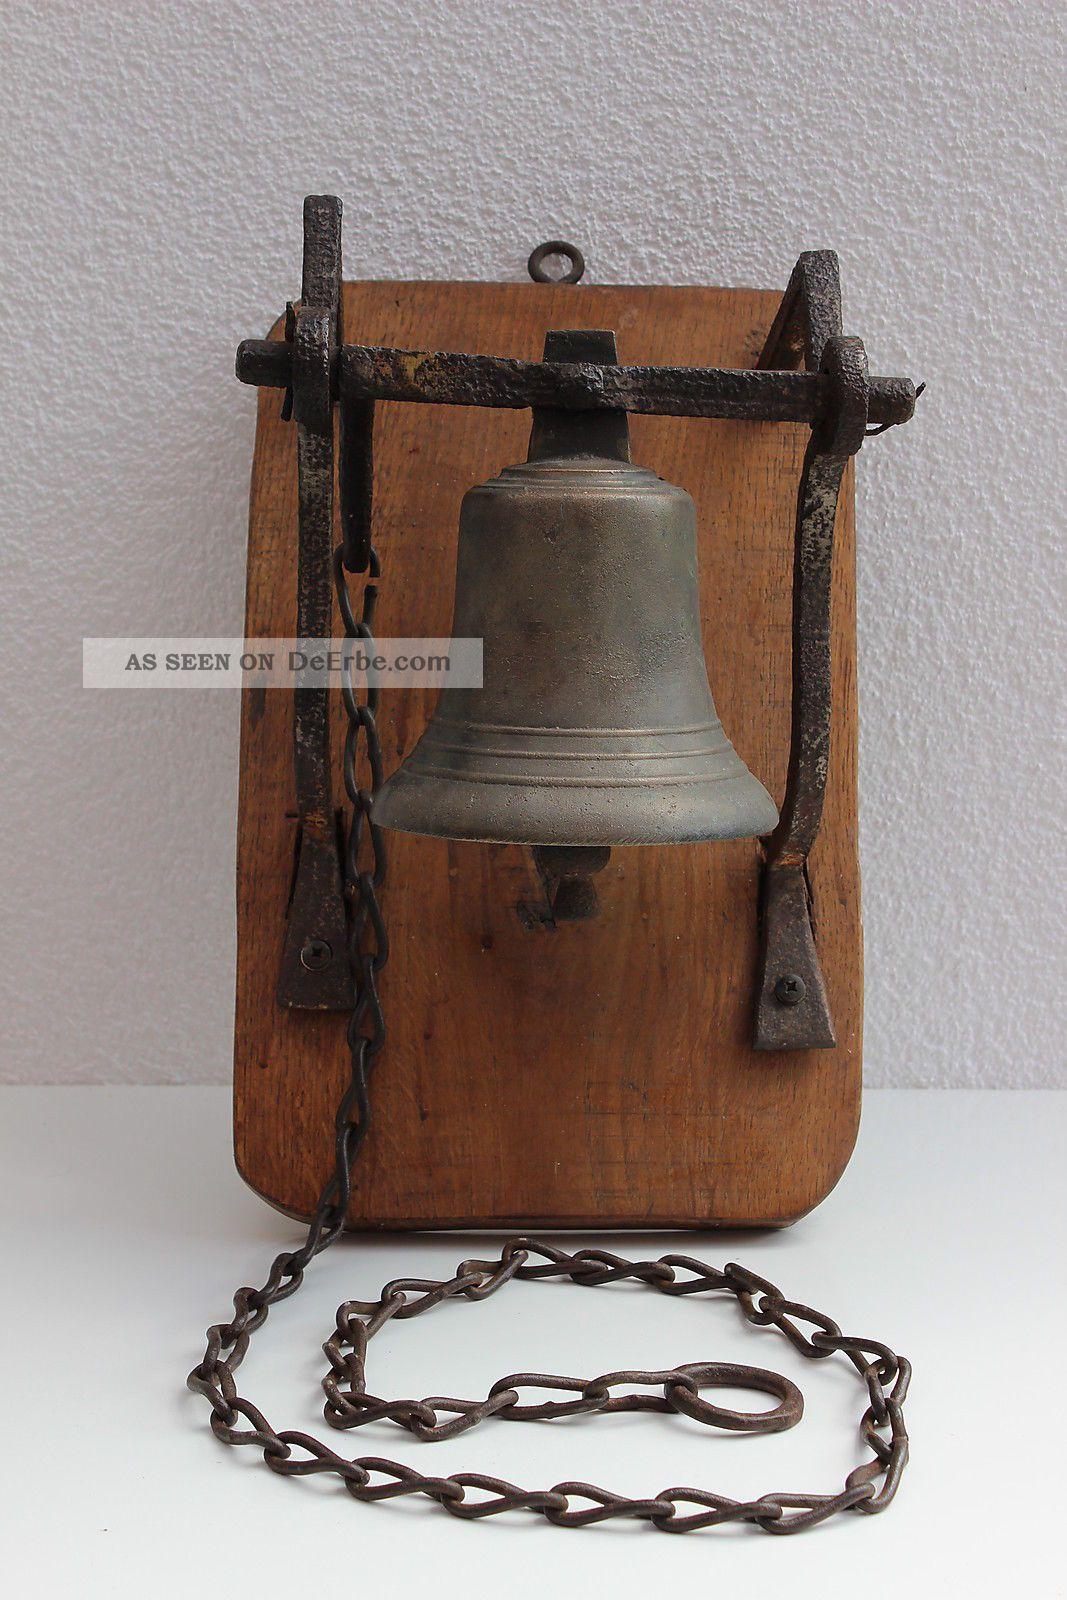 Hof - Glocke Mit AufhÄngung Und Kette - 19 Jhdt - Antike Bild